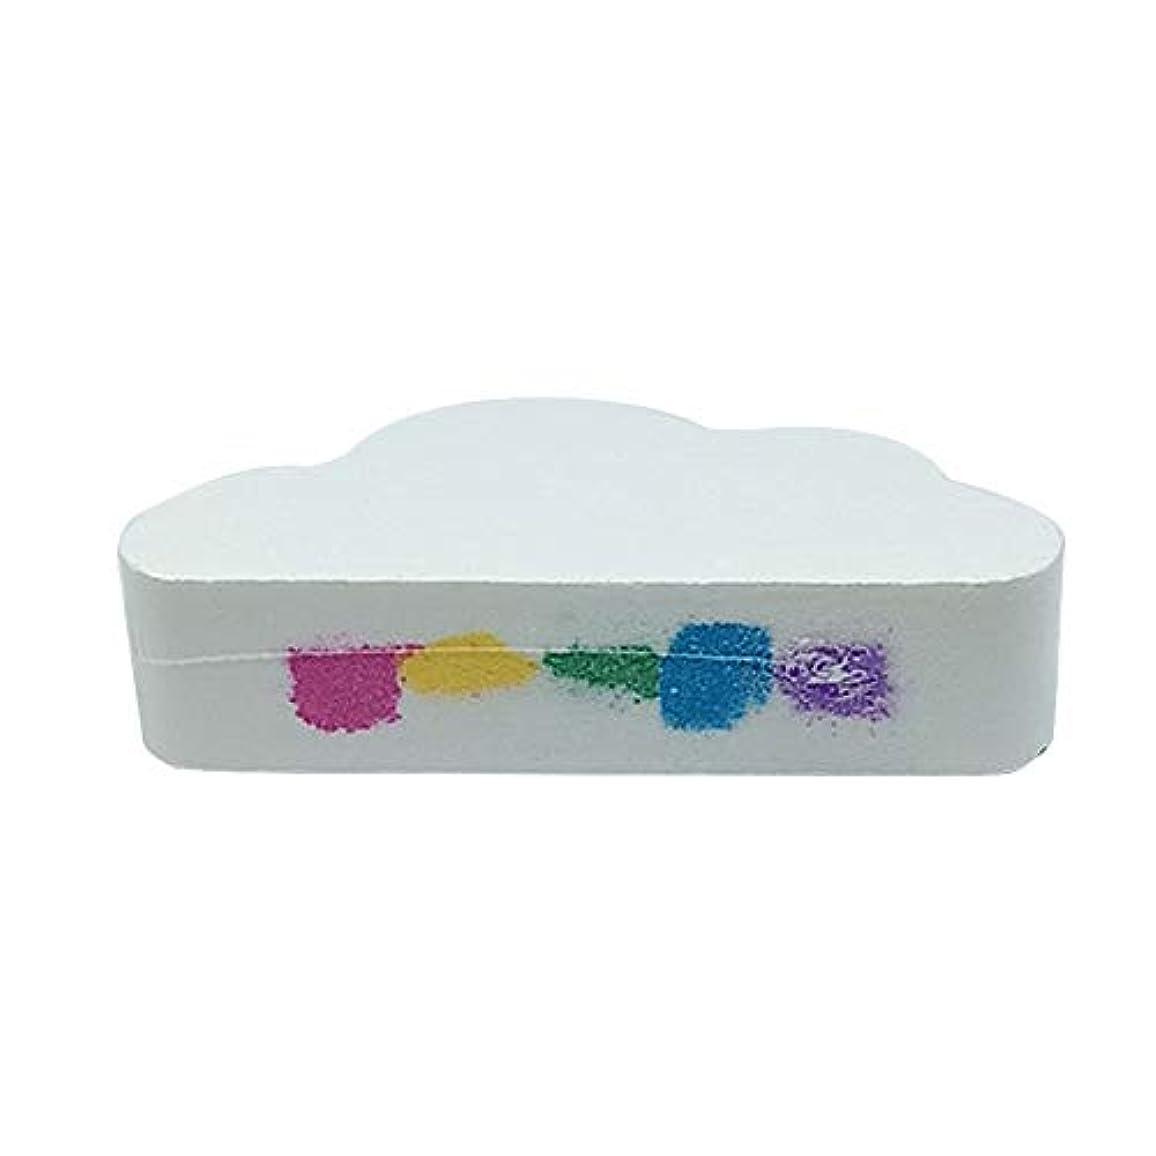 評価する電話一般化するレインボー入浴剤 バス用 お風呂塩 保湿バブルボール 温泉 入浴剤 スキンケア プレゼント